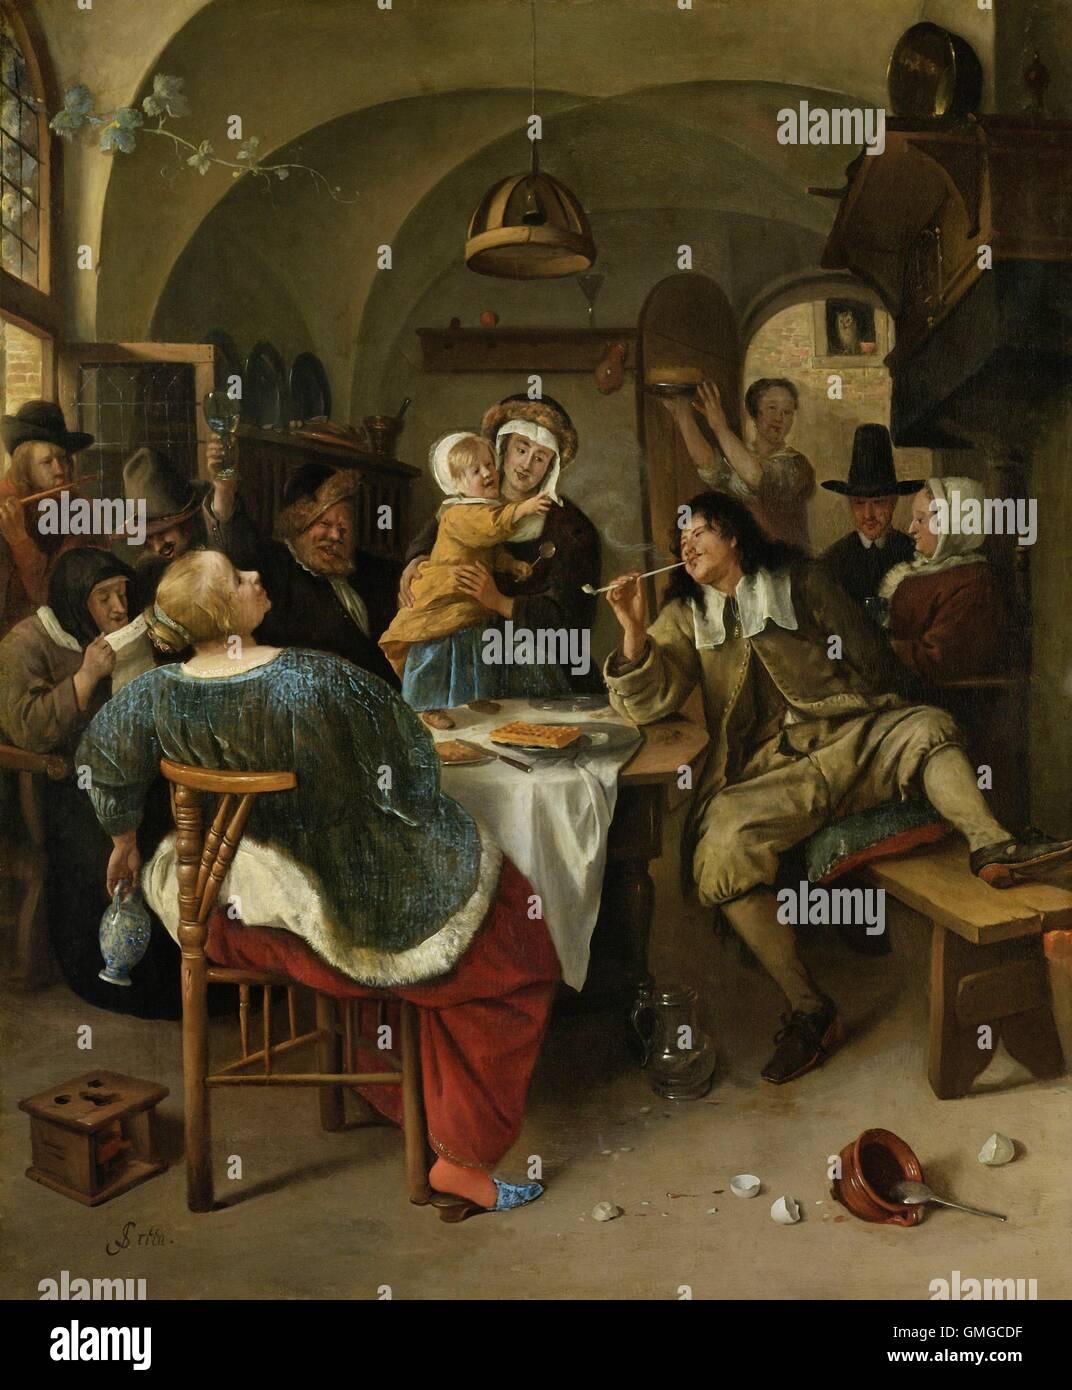 Famiglia Scena, Jan Steen, 1660-79, olio su pannello, pittura olandese, olio su pannello. Famiglia cantando e ballando Immagini Stock